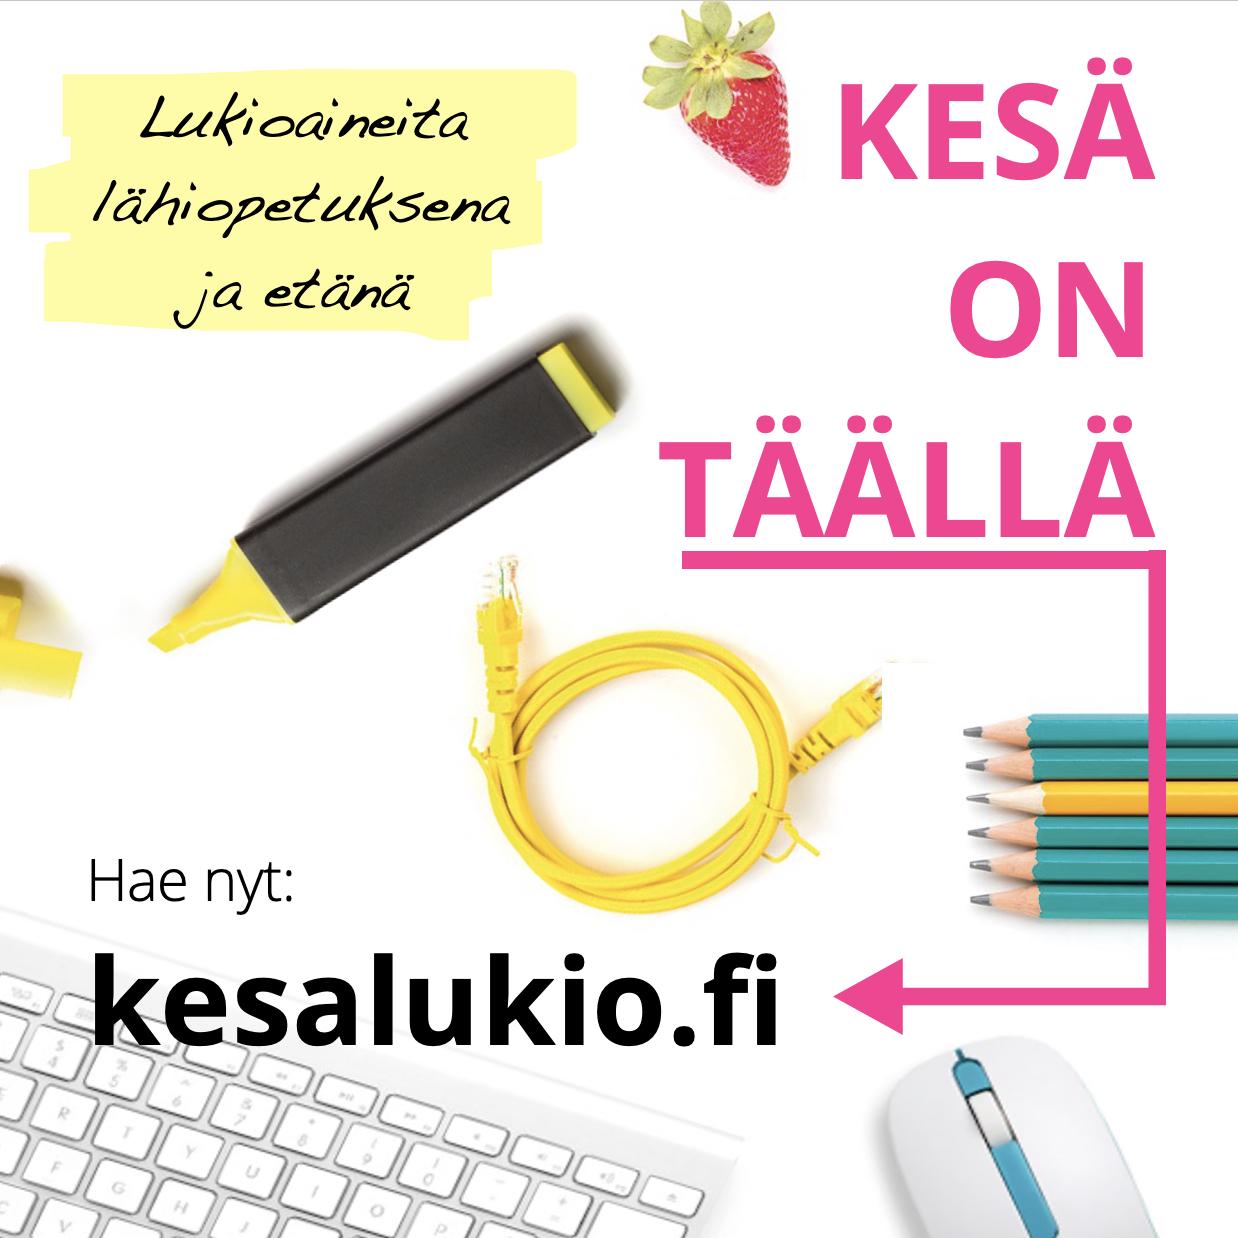 Hae kesälukioihin 2021: kesalukio.fi: lukioaineita lähiopetuksena ja etänä